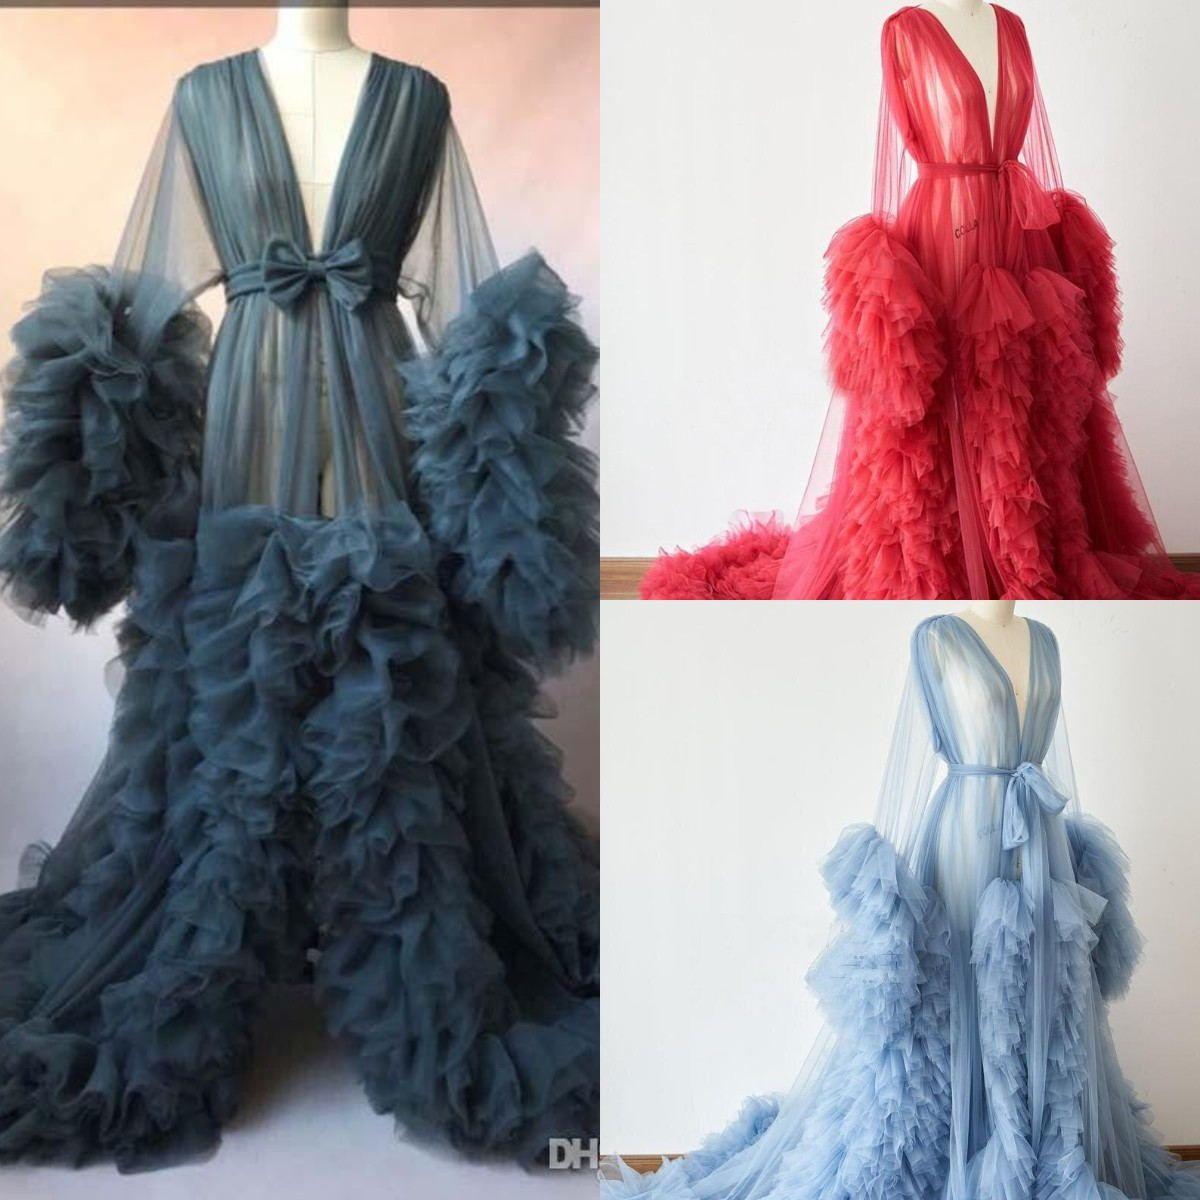 Chic Illusion Rüschen Tüll Langarm Frauen Winter Sexy Kimono Schwangere Party Nachtwäsche Frauen Bademantel Sheer Nachthemd Robe Shawel